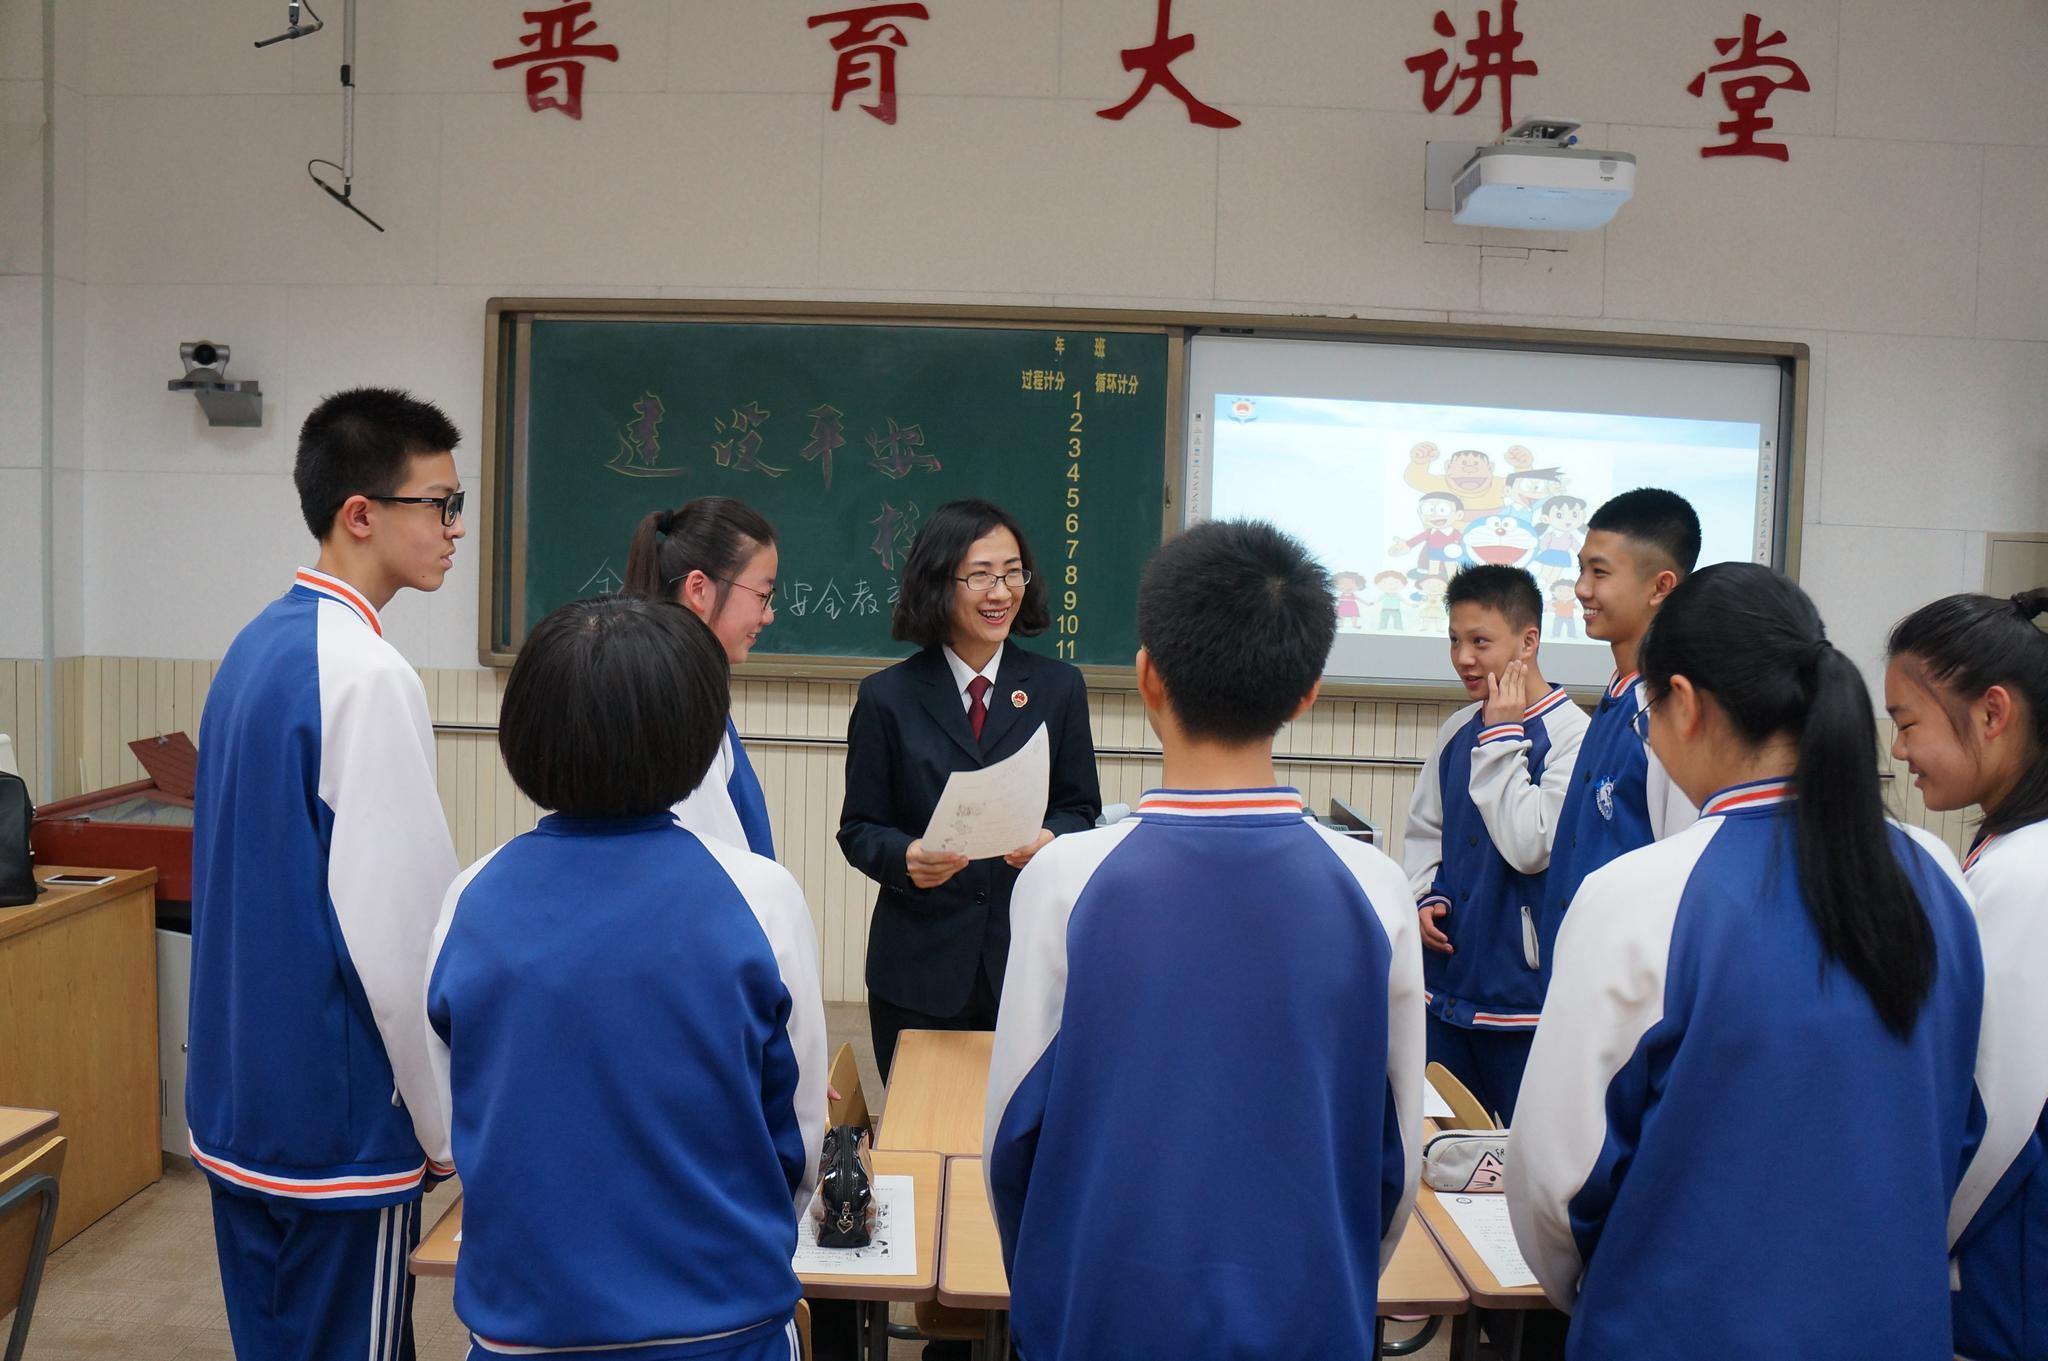 北辰区人民检察院公诉部未检工作室干警赴普育学校讲法治课